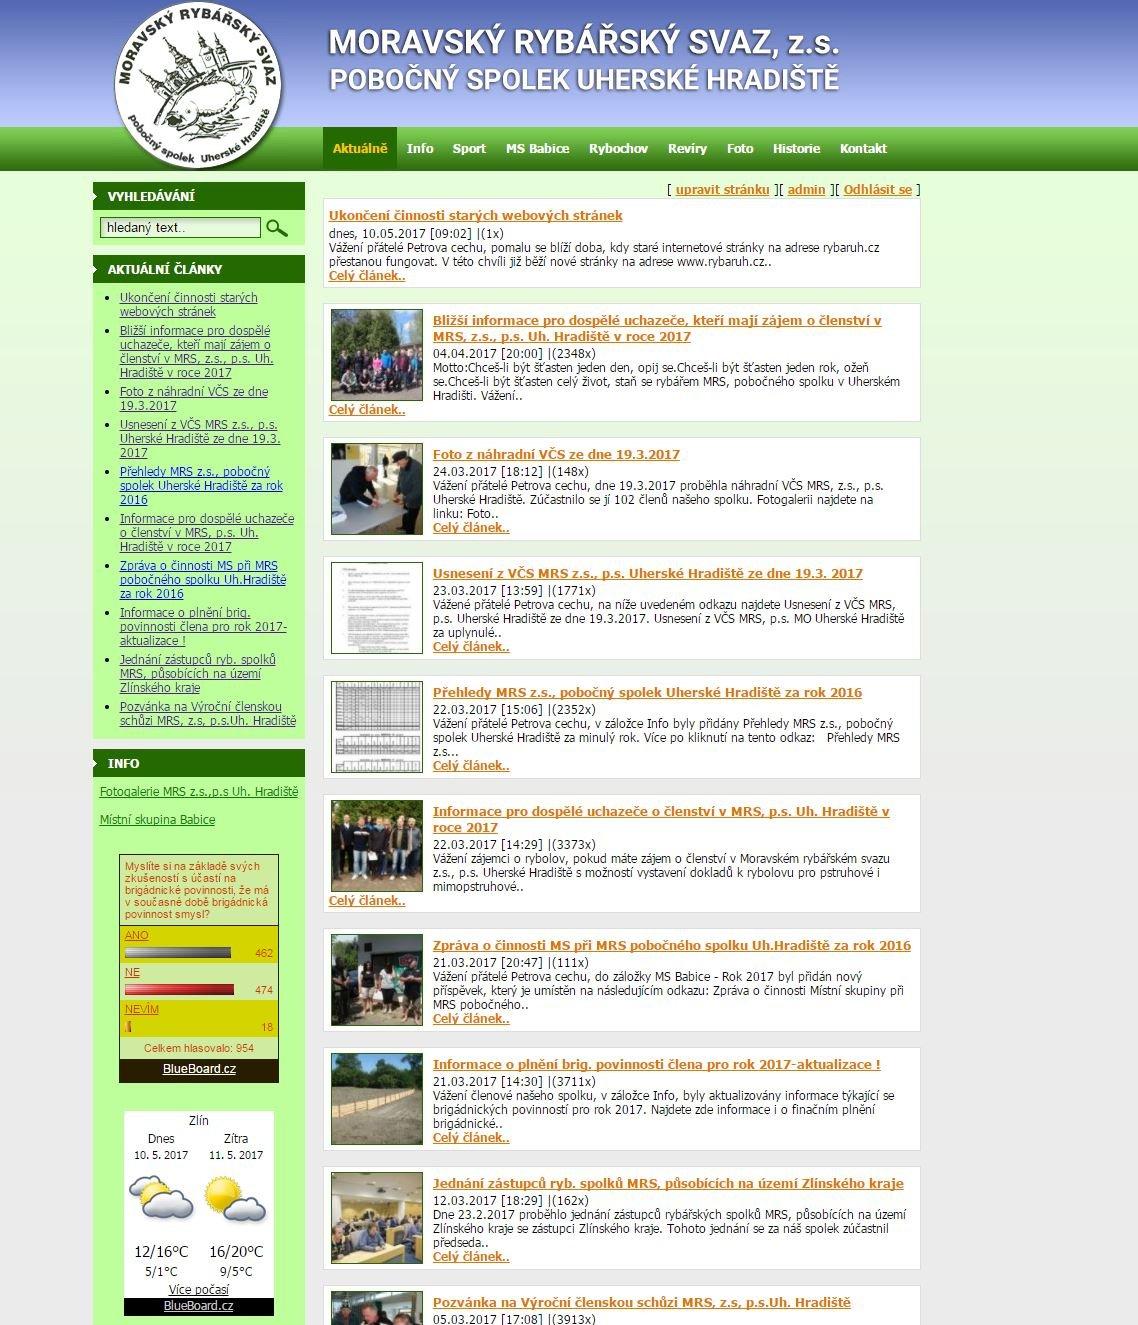 Ukončení činnosti starých webových stránek